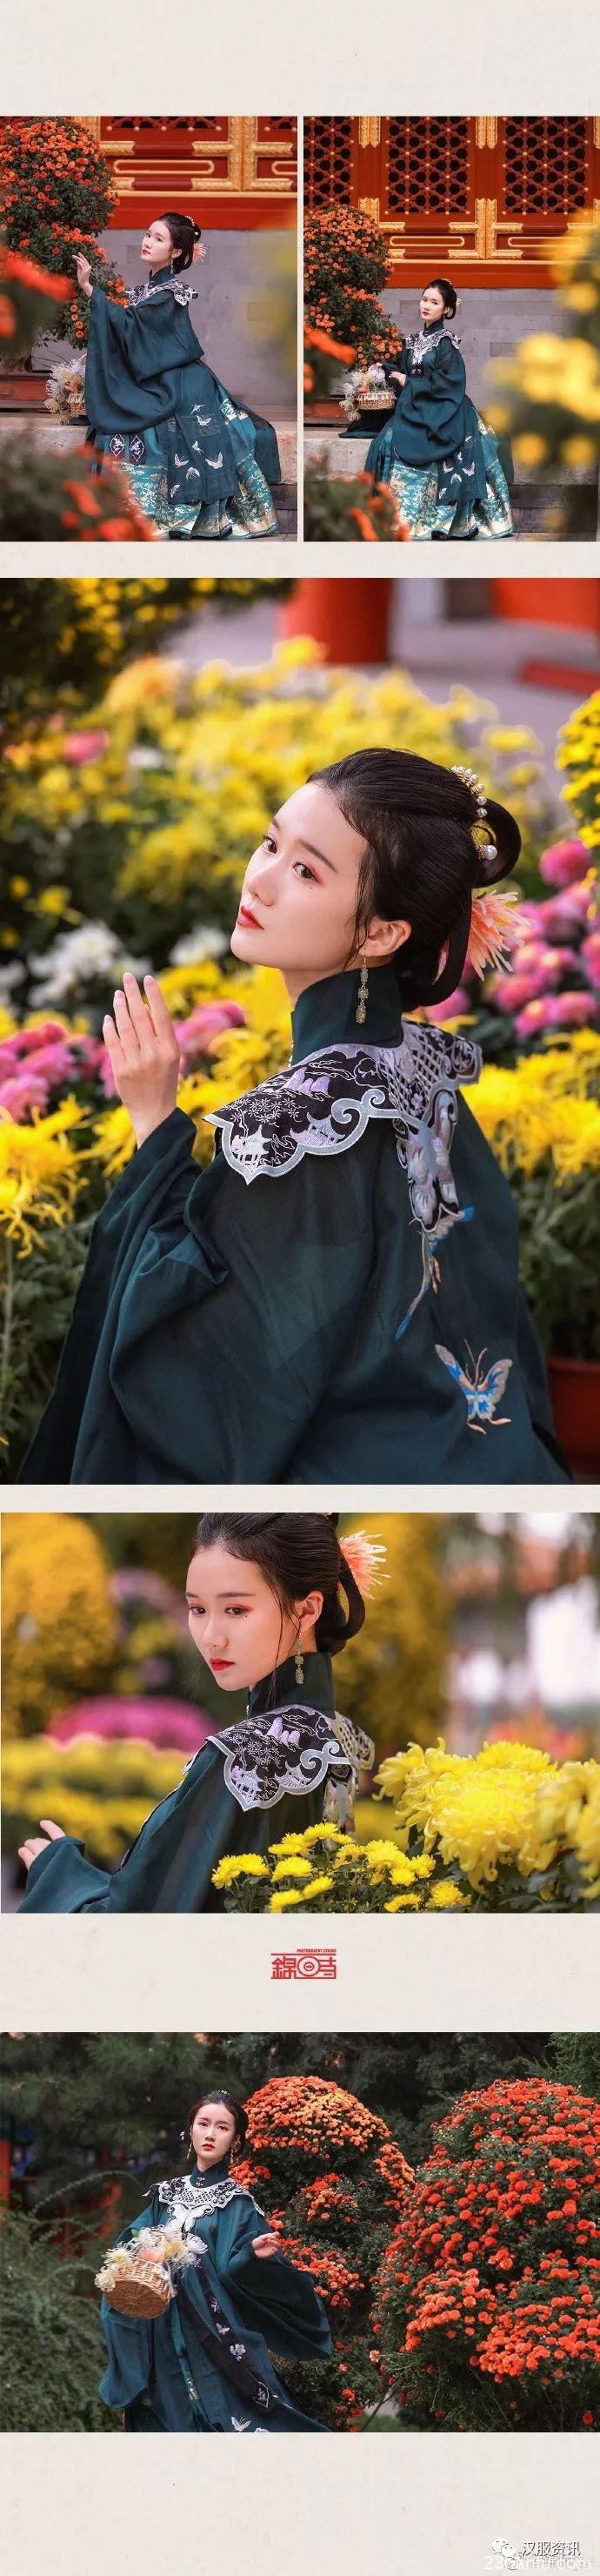 【汉服私影】簪菊图